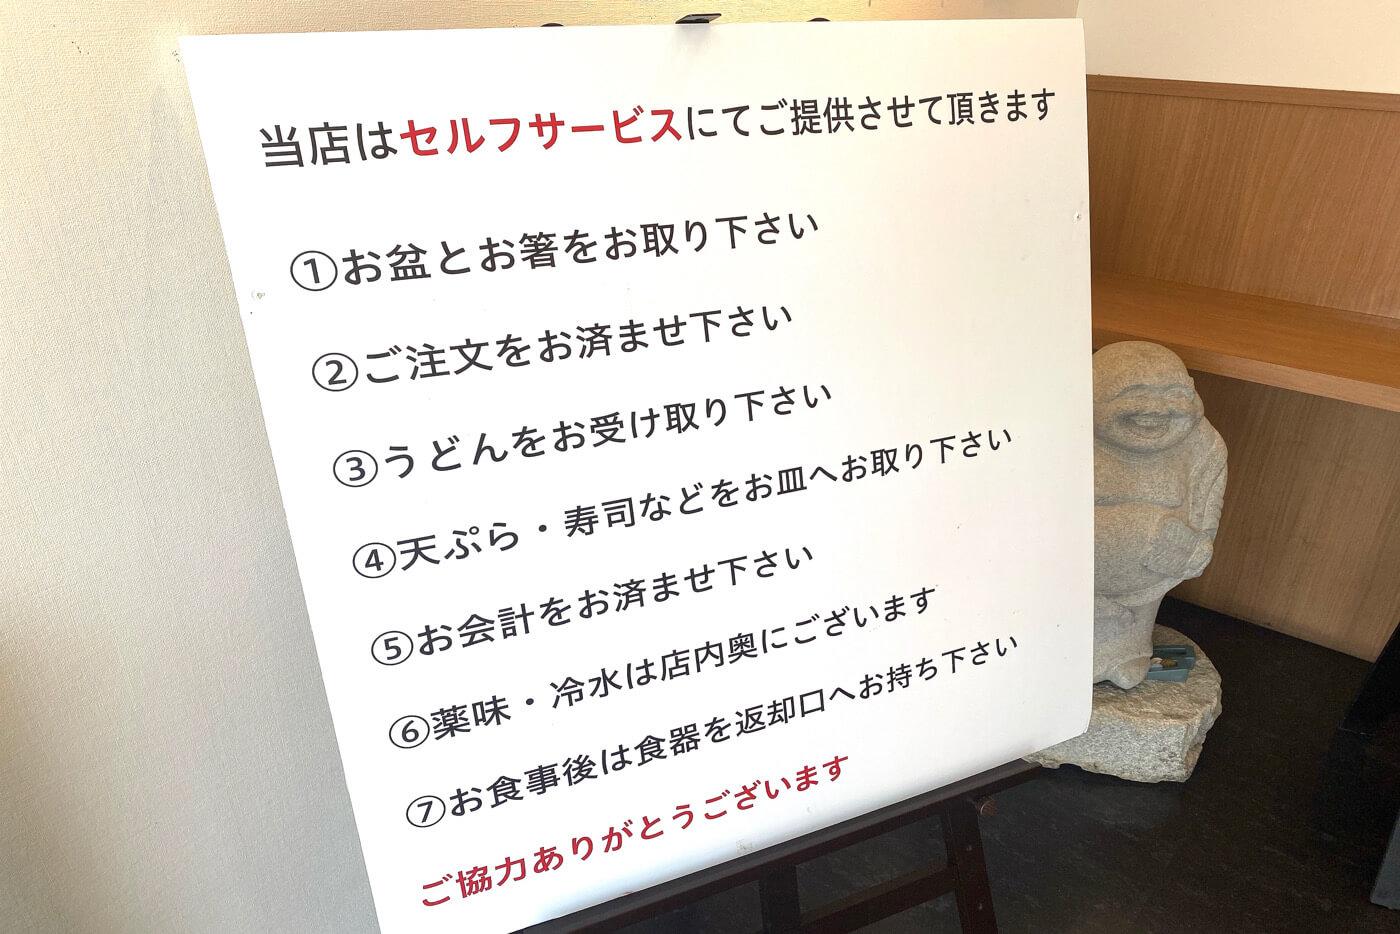 高知・南国市 セルフうどんごめん 店内に掲示されたセルフシステム解説